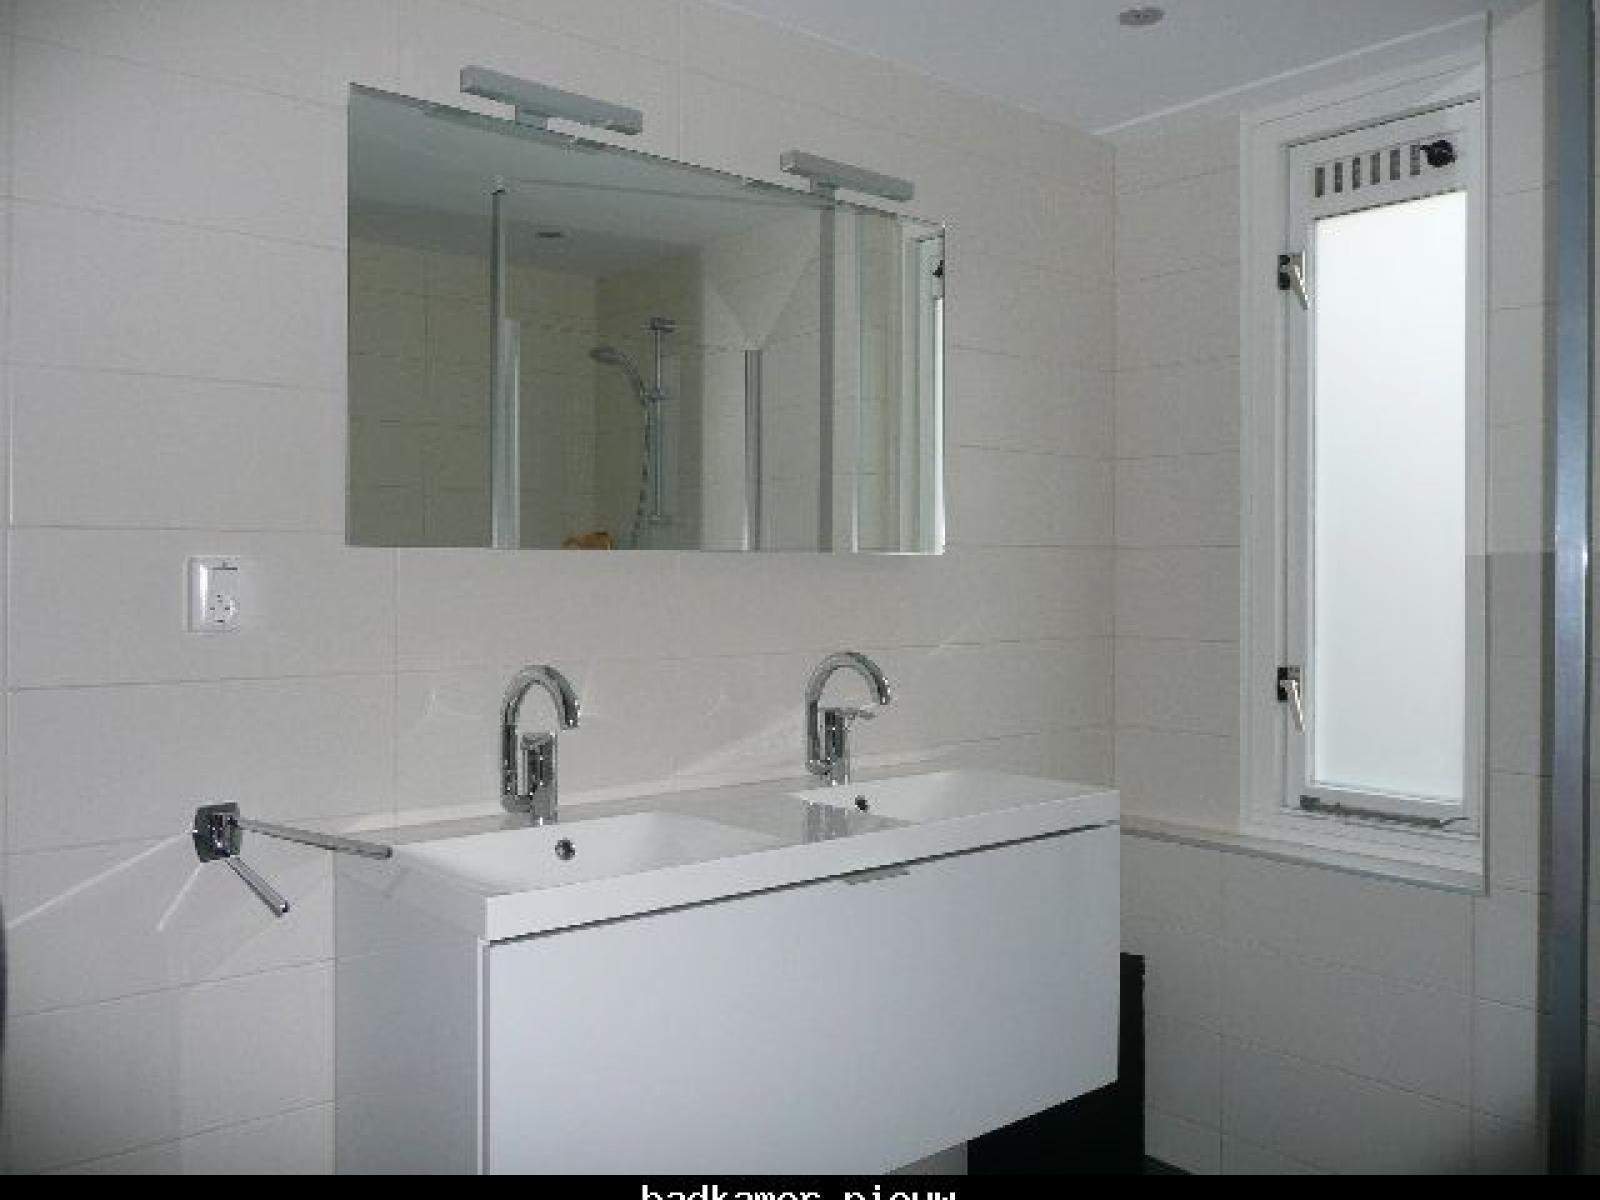 Renovatie Badkamer Fotos : Renovatie badkamer en toilet te leidschendam